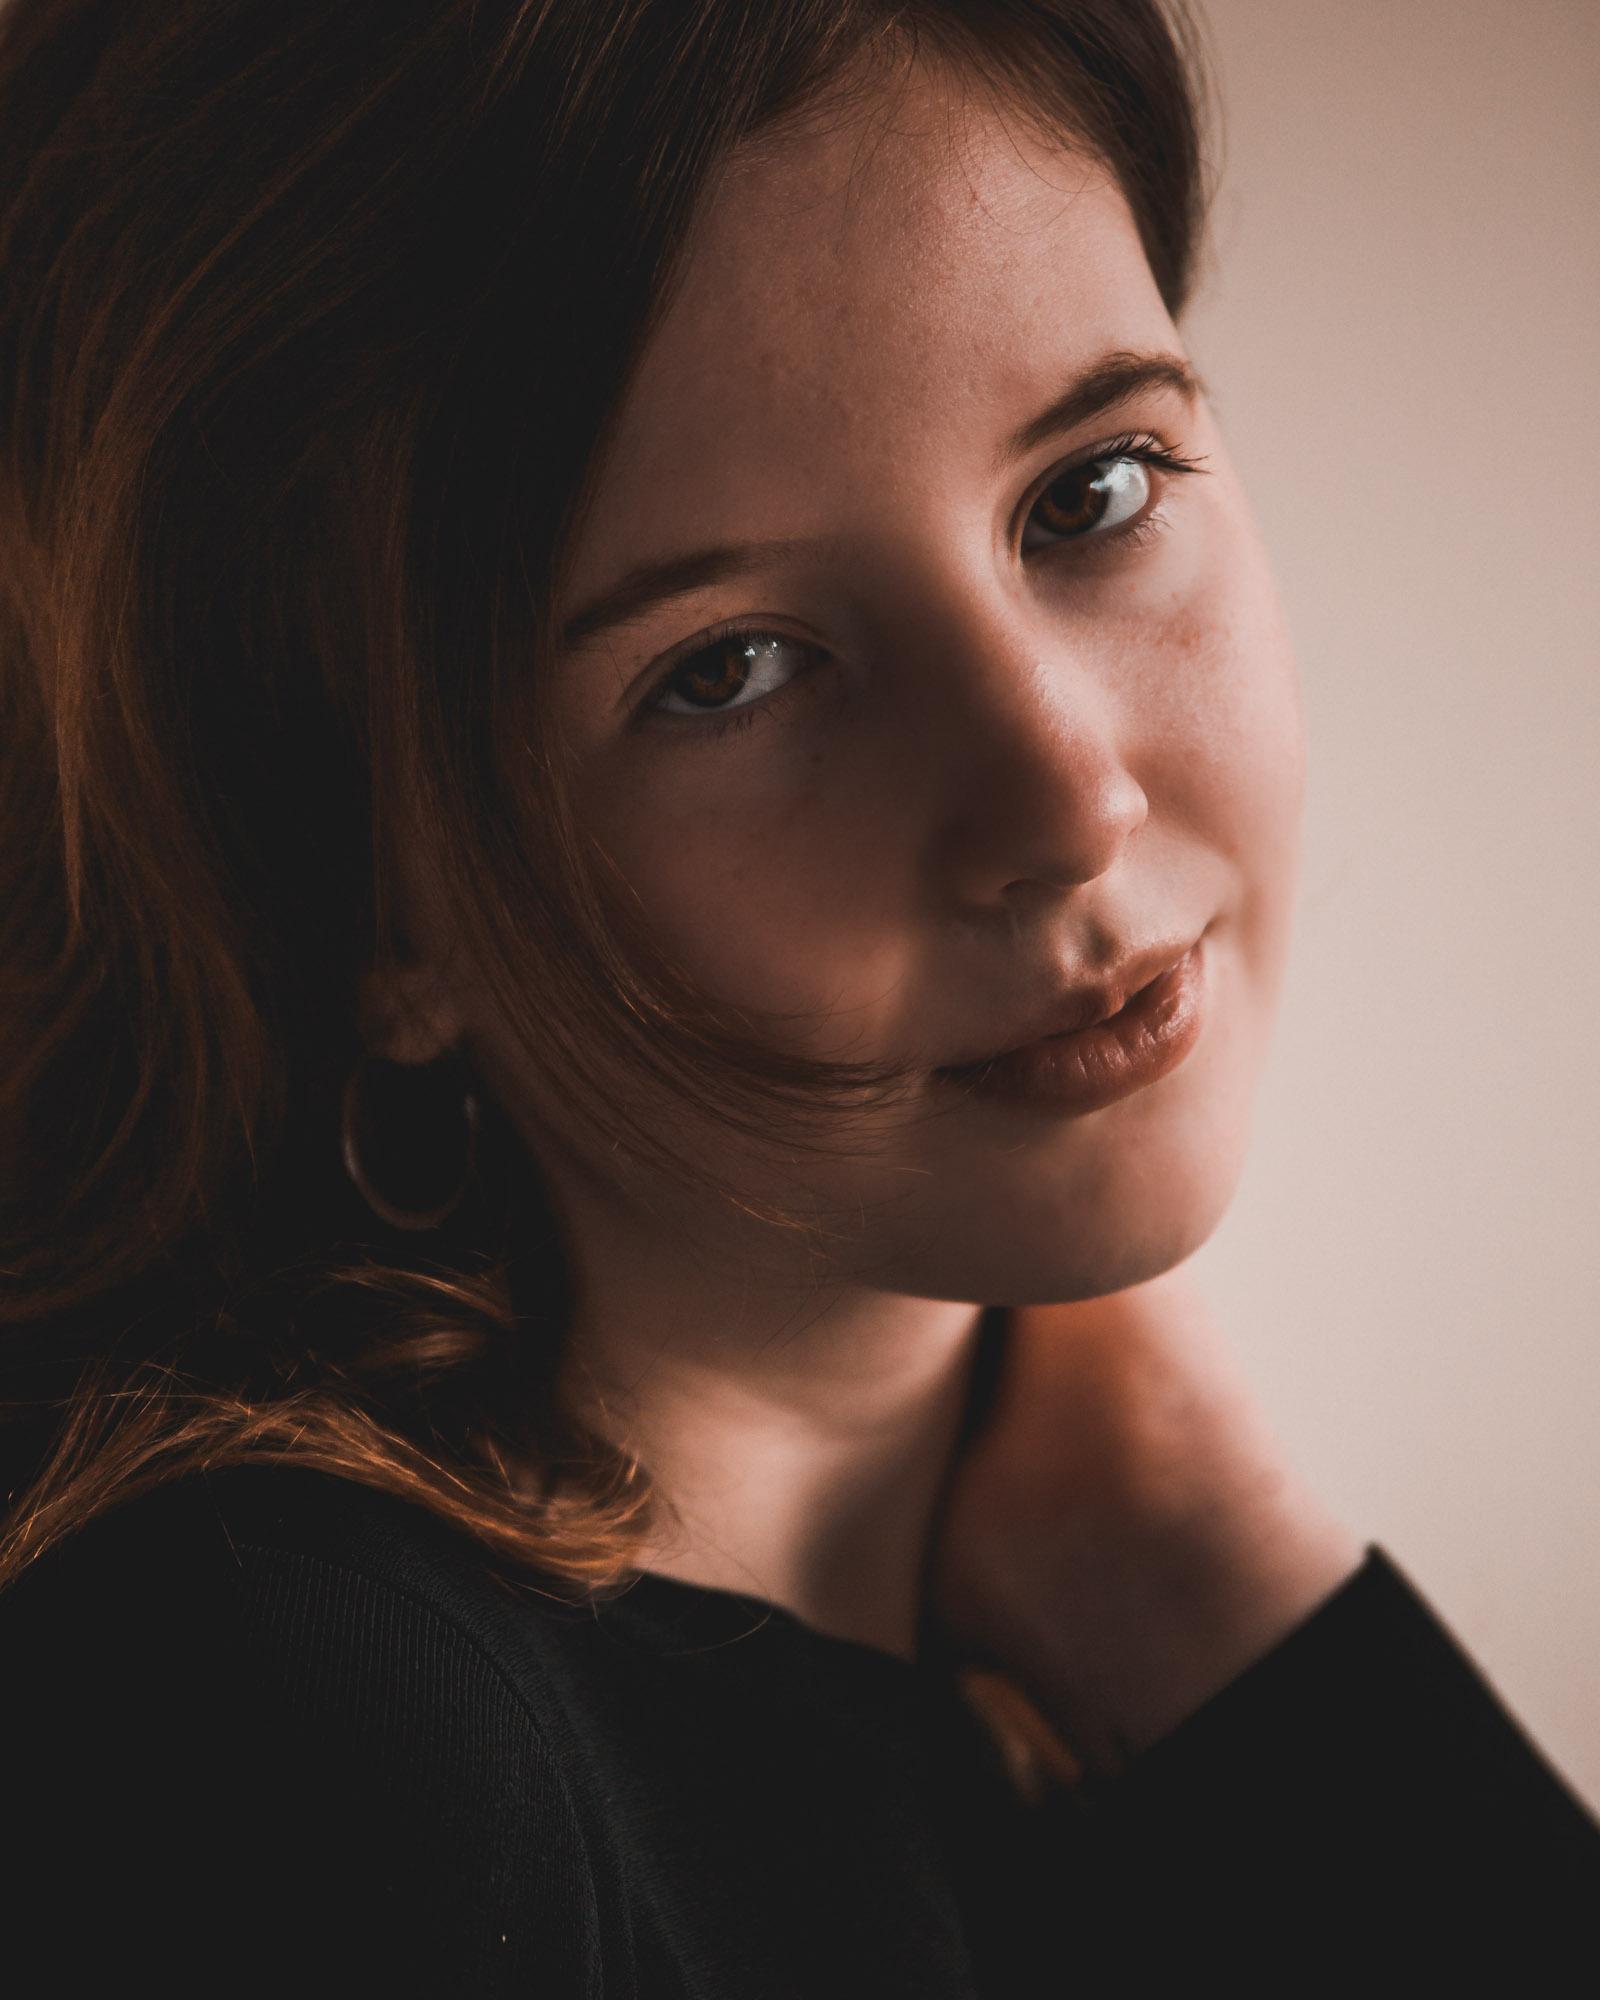 Tiener portretfotograaf in Amersfoort. Tienerportret door Mayra Fotografie. Natuurlijk licht portret.